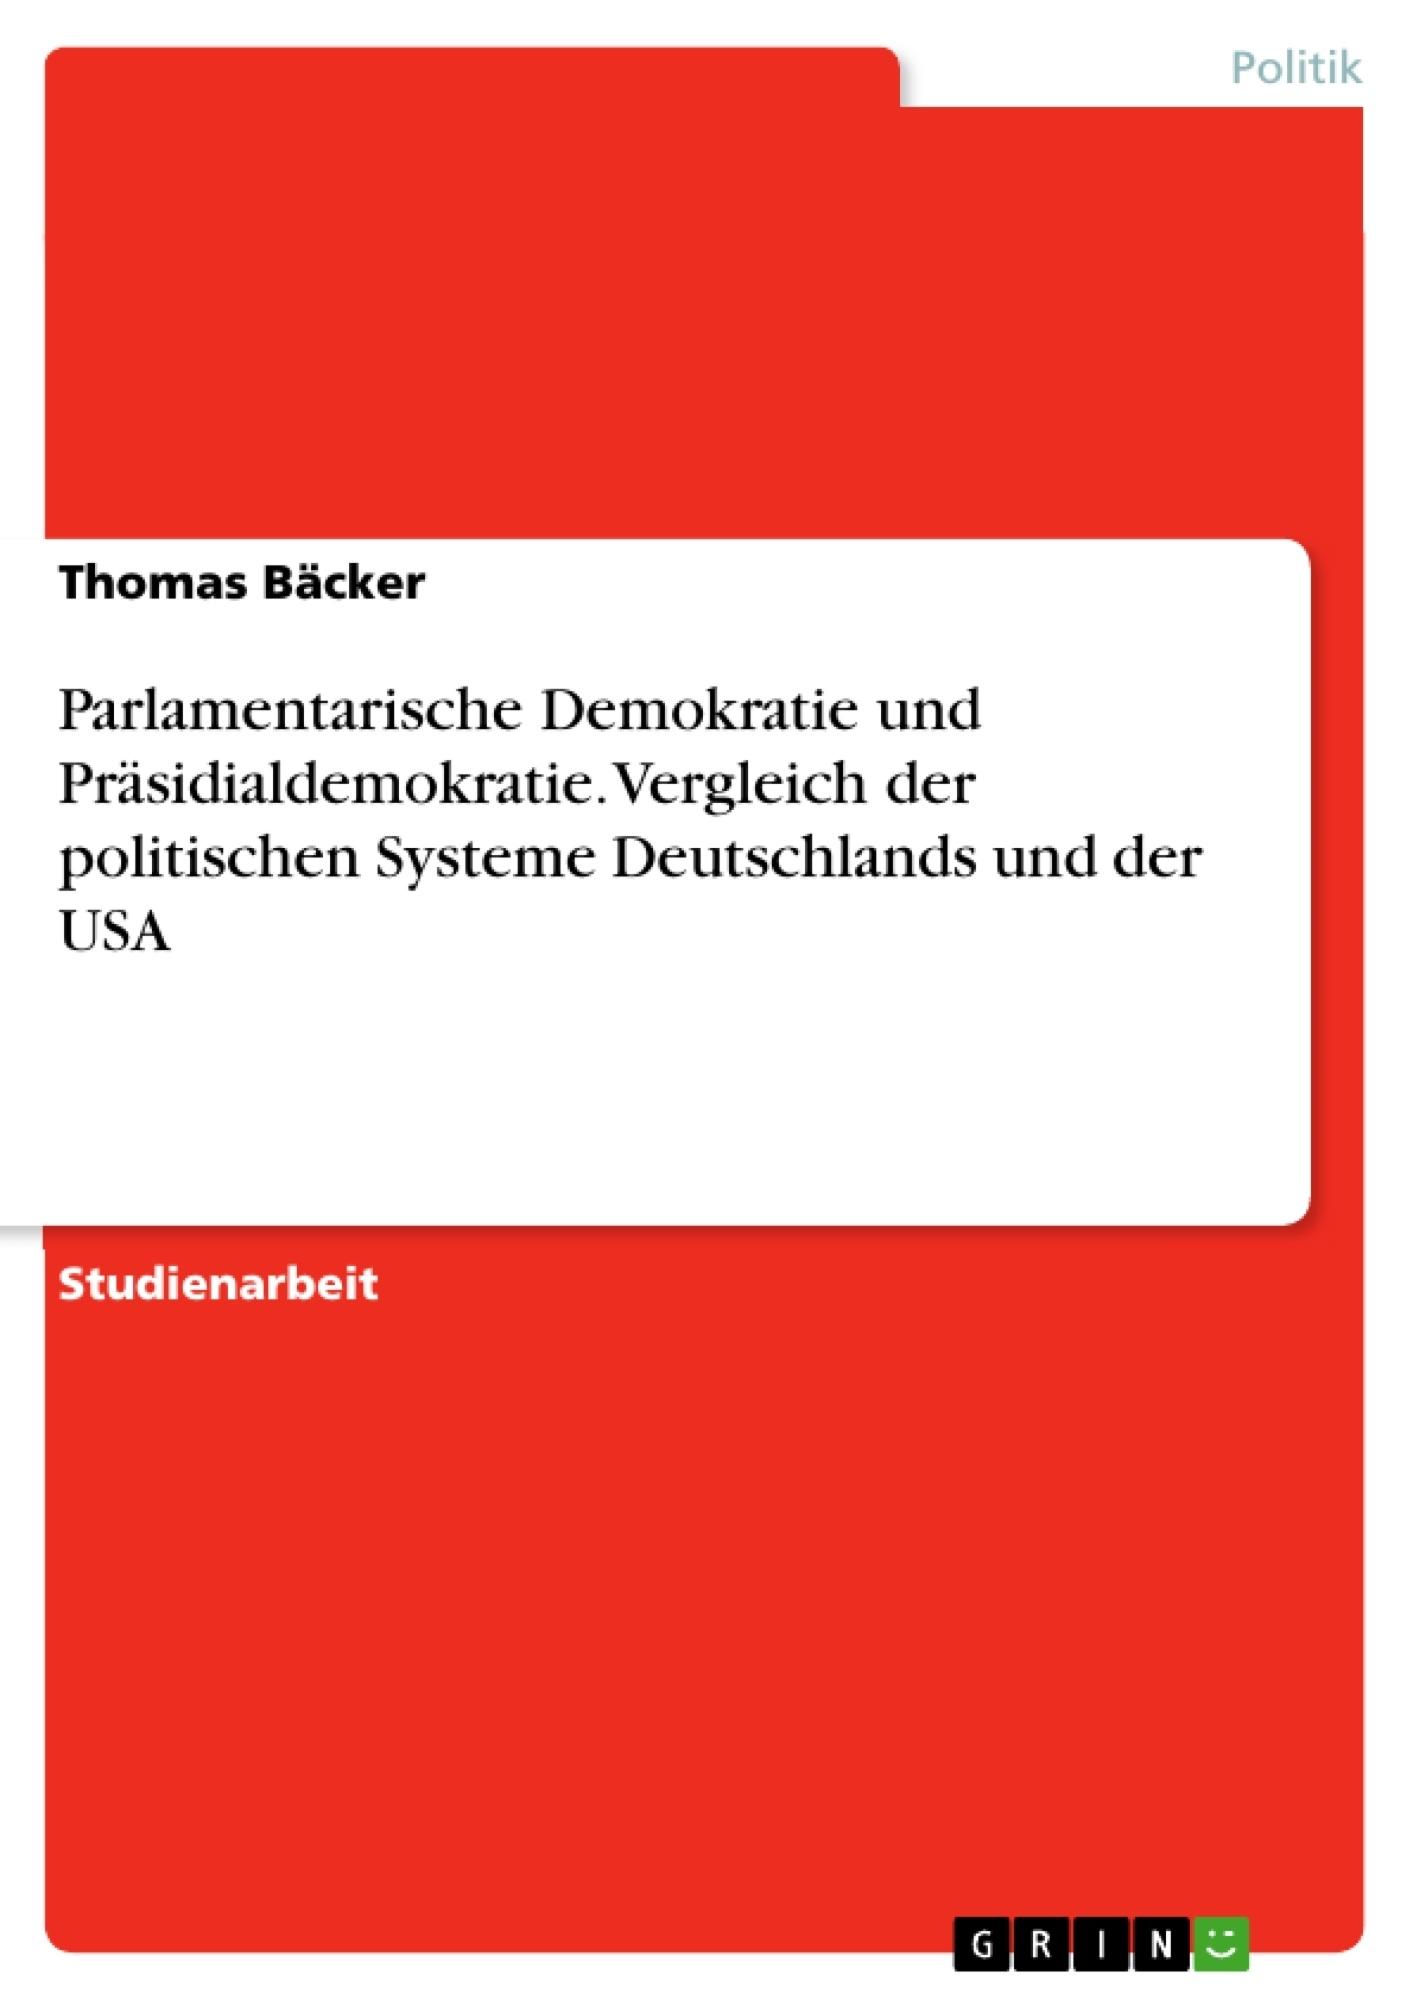 Titel: Parlamentarische Demokratie und Präsidialdemokratie. Vergleich der politischen Systeme Deutschlands und der USA